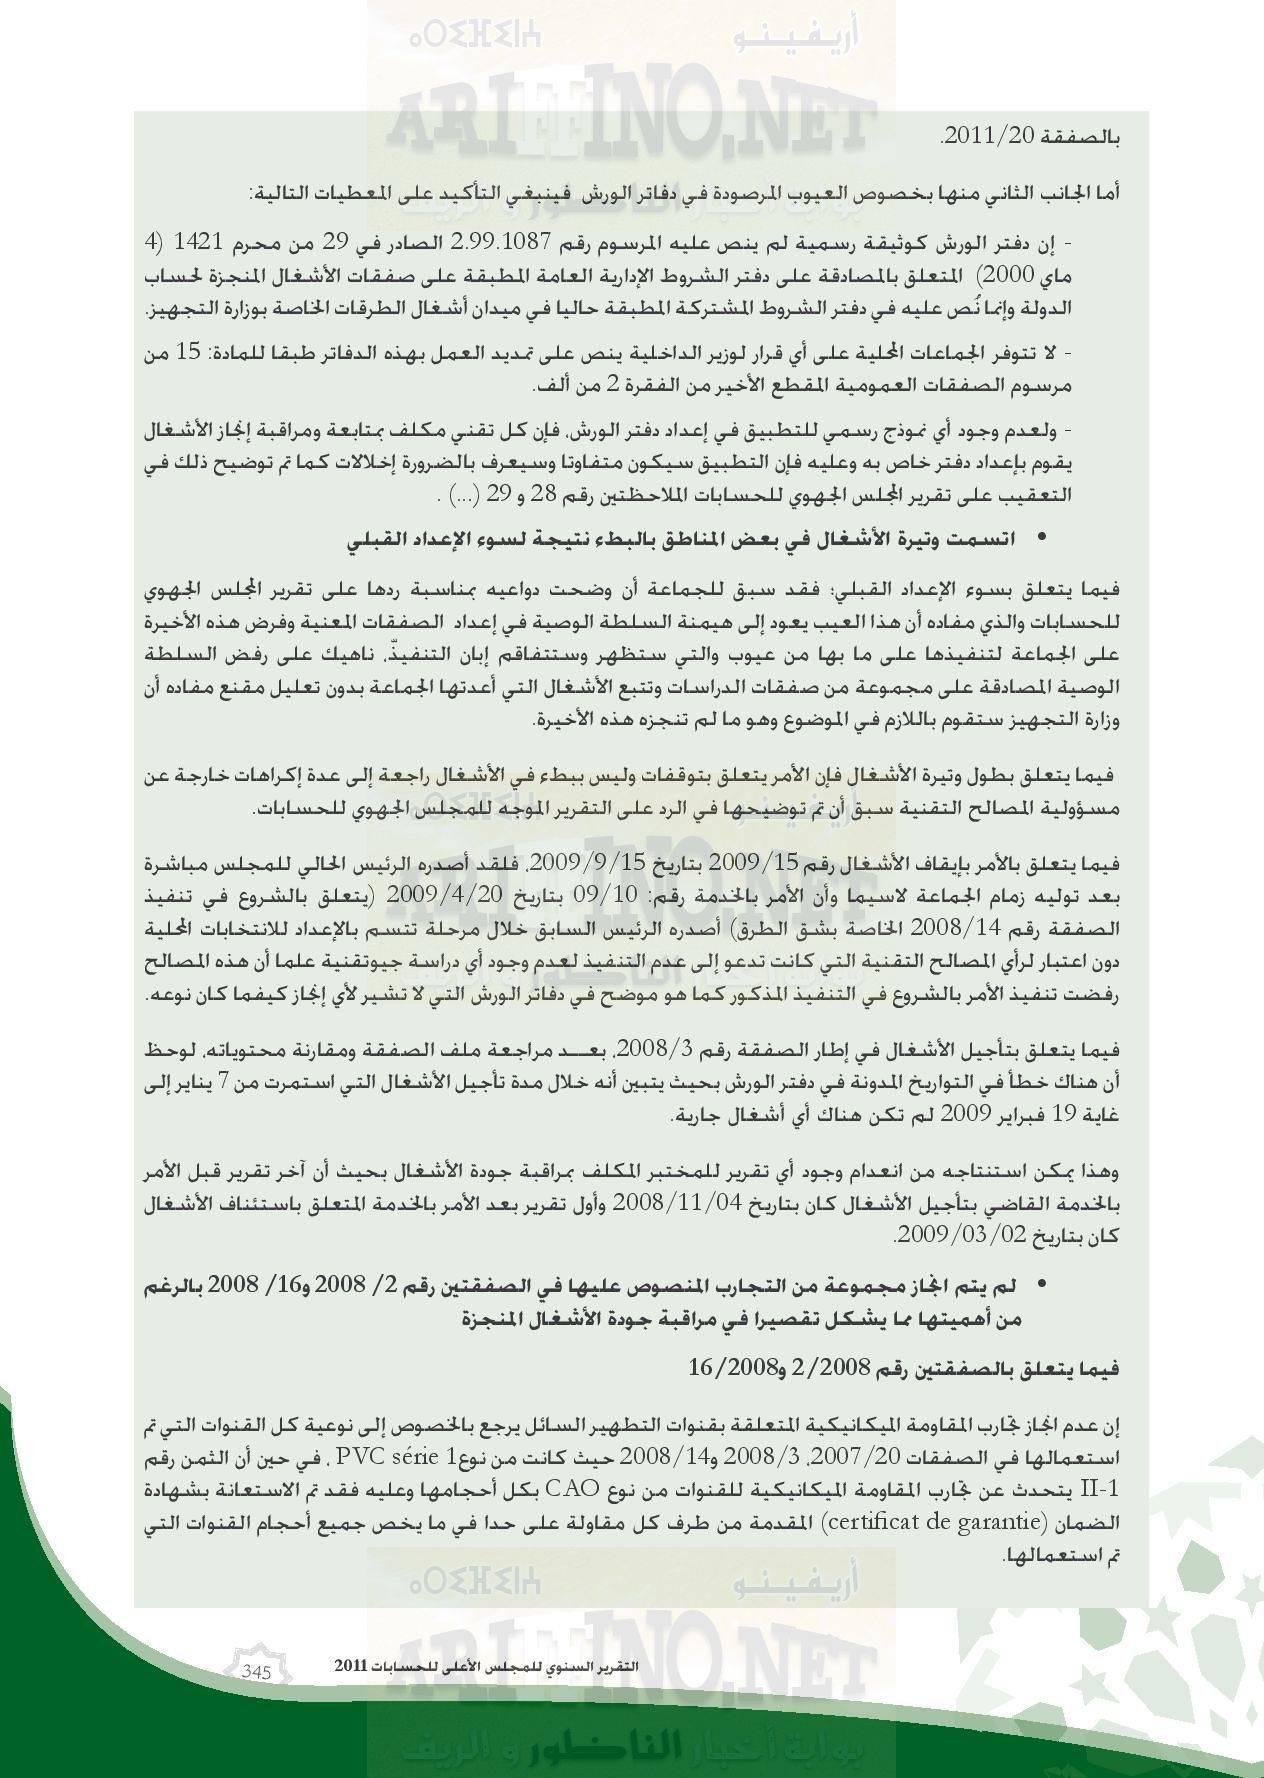 nador_0071 تقرير المجلس الاعلى للحسابات: بلدية الناظور تعيش إختلالات و عشوائية و عاجزة عن القيام بمهامها